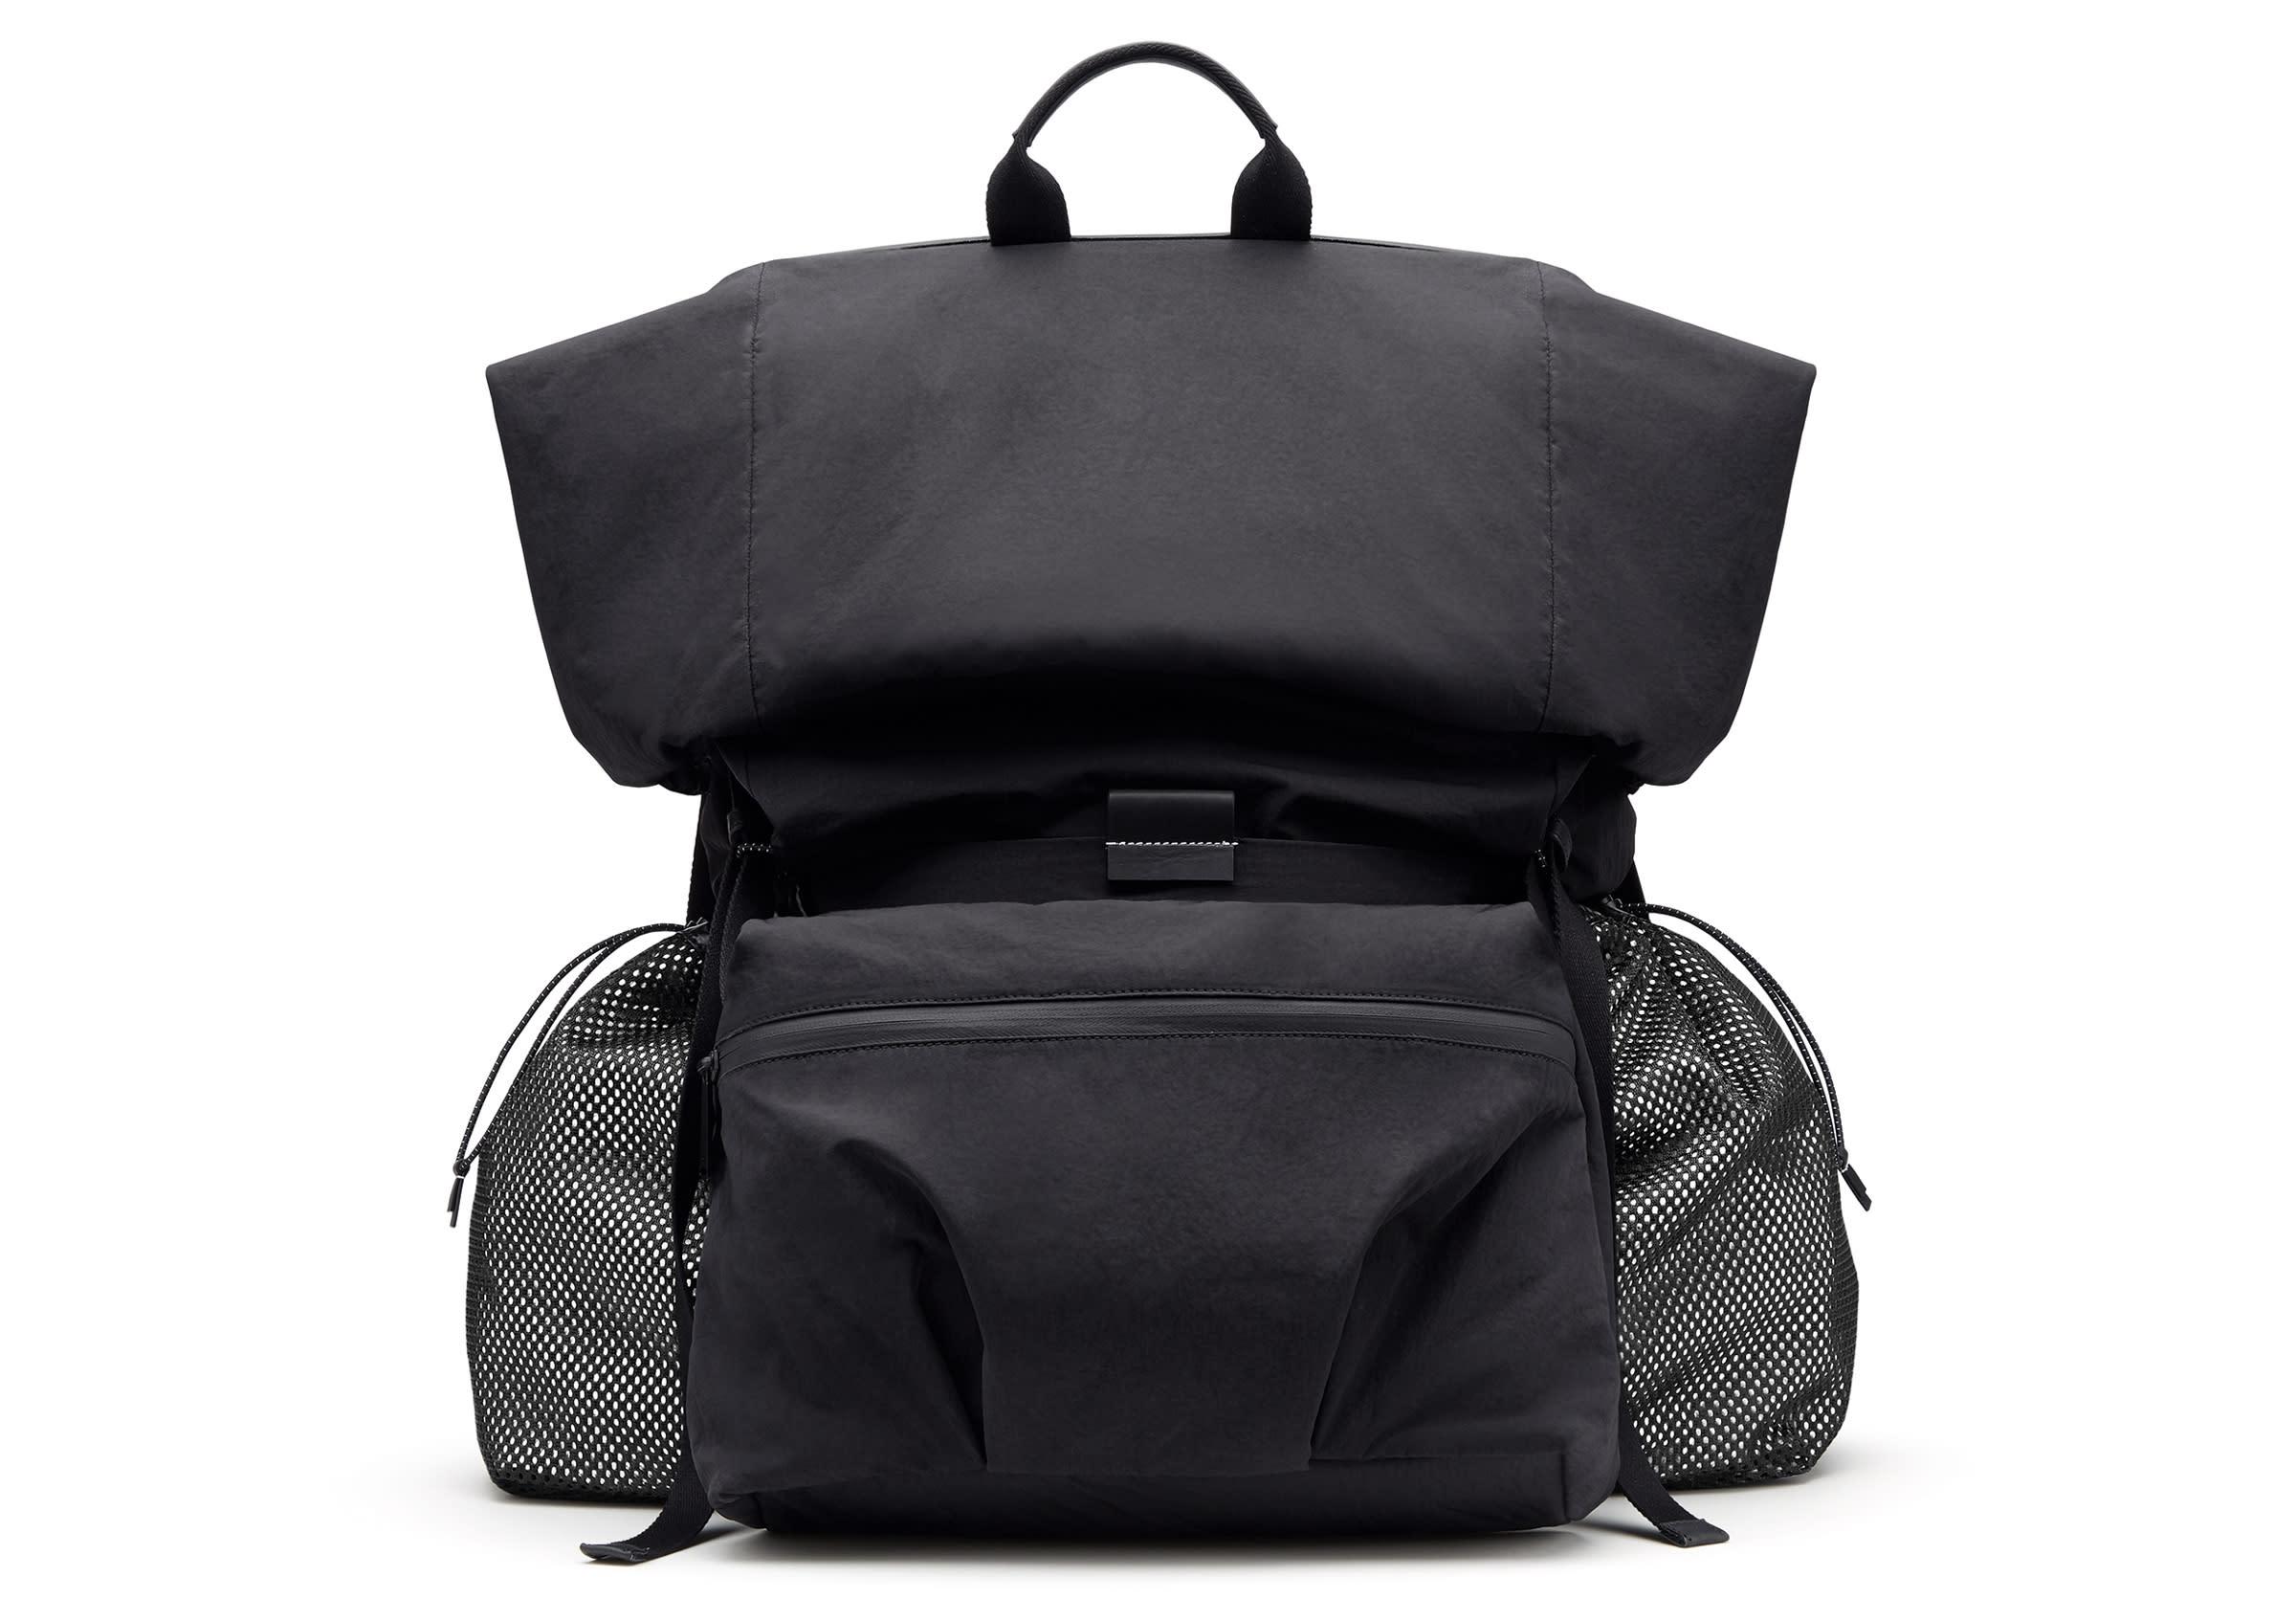 new products 2ec3c 25e27 ボッテガ・ヴェネタ」ダニエル・リーによる初のコレクション揃う ...